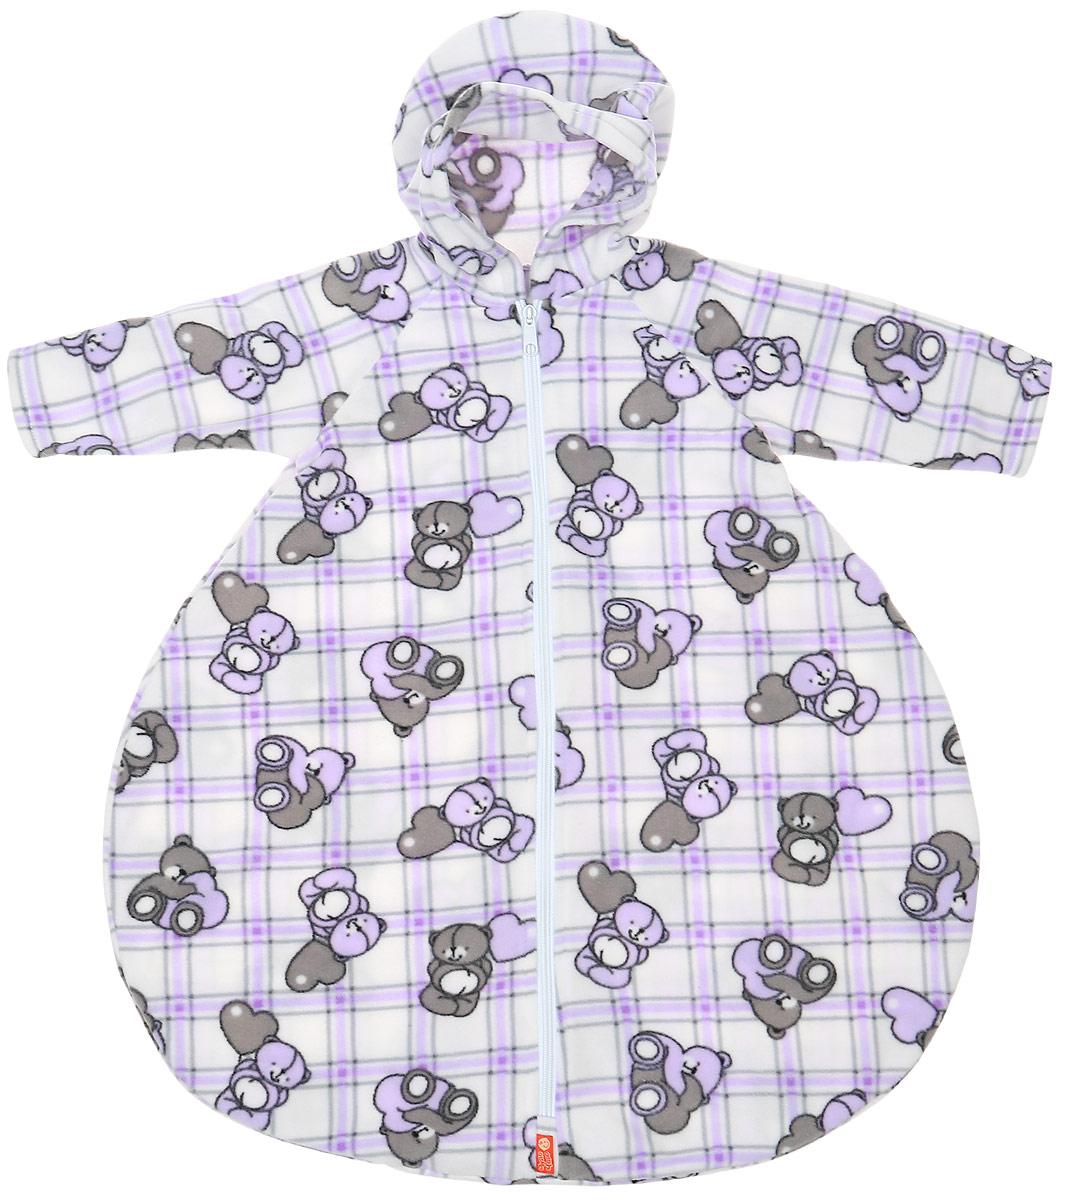 Конверт для новорожденного Чудо-Чадо БыстрОдежка Колокольчик, цвет: белый, сиреневый, серый. КРК05-001. Размер 74 чудо чадо конверт быстродежка колокольчик желт р 0 9 м